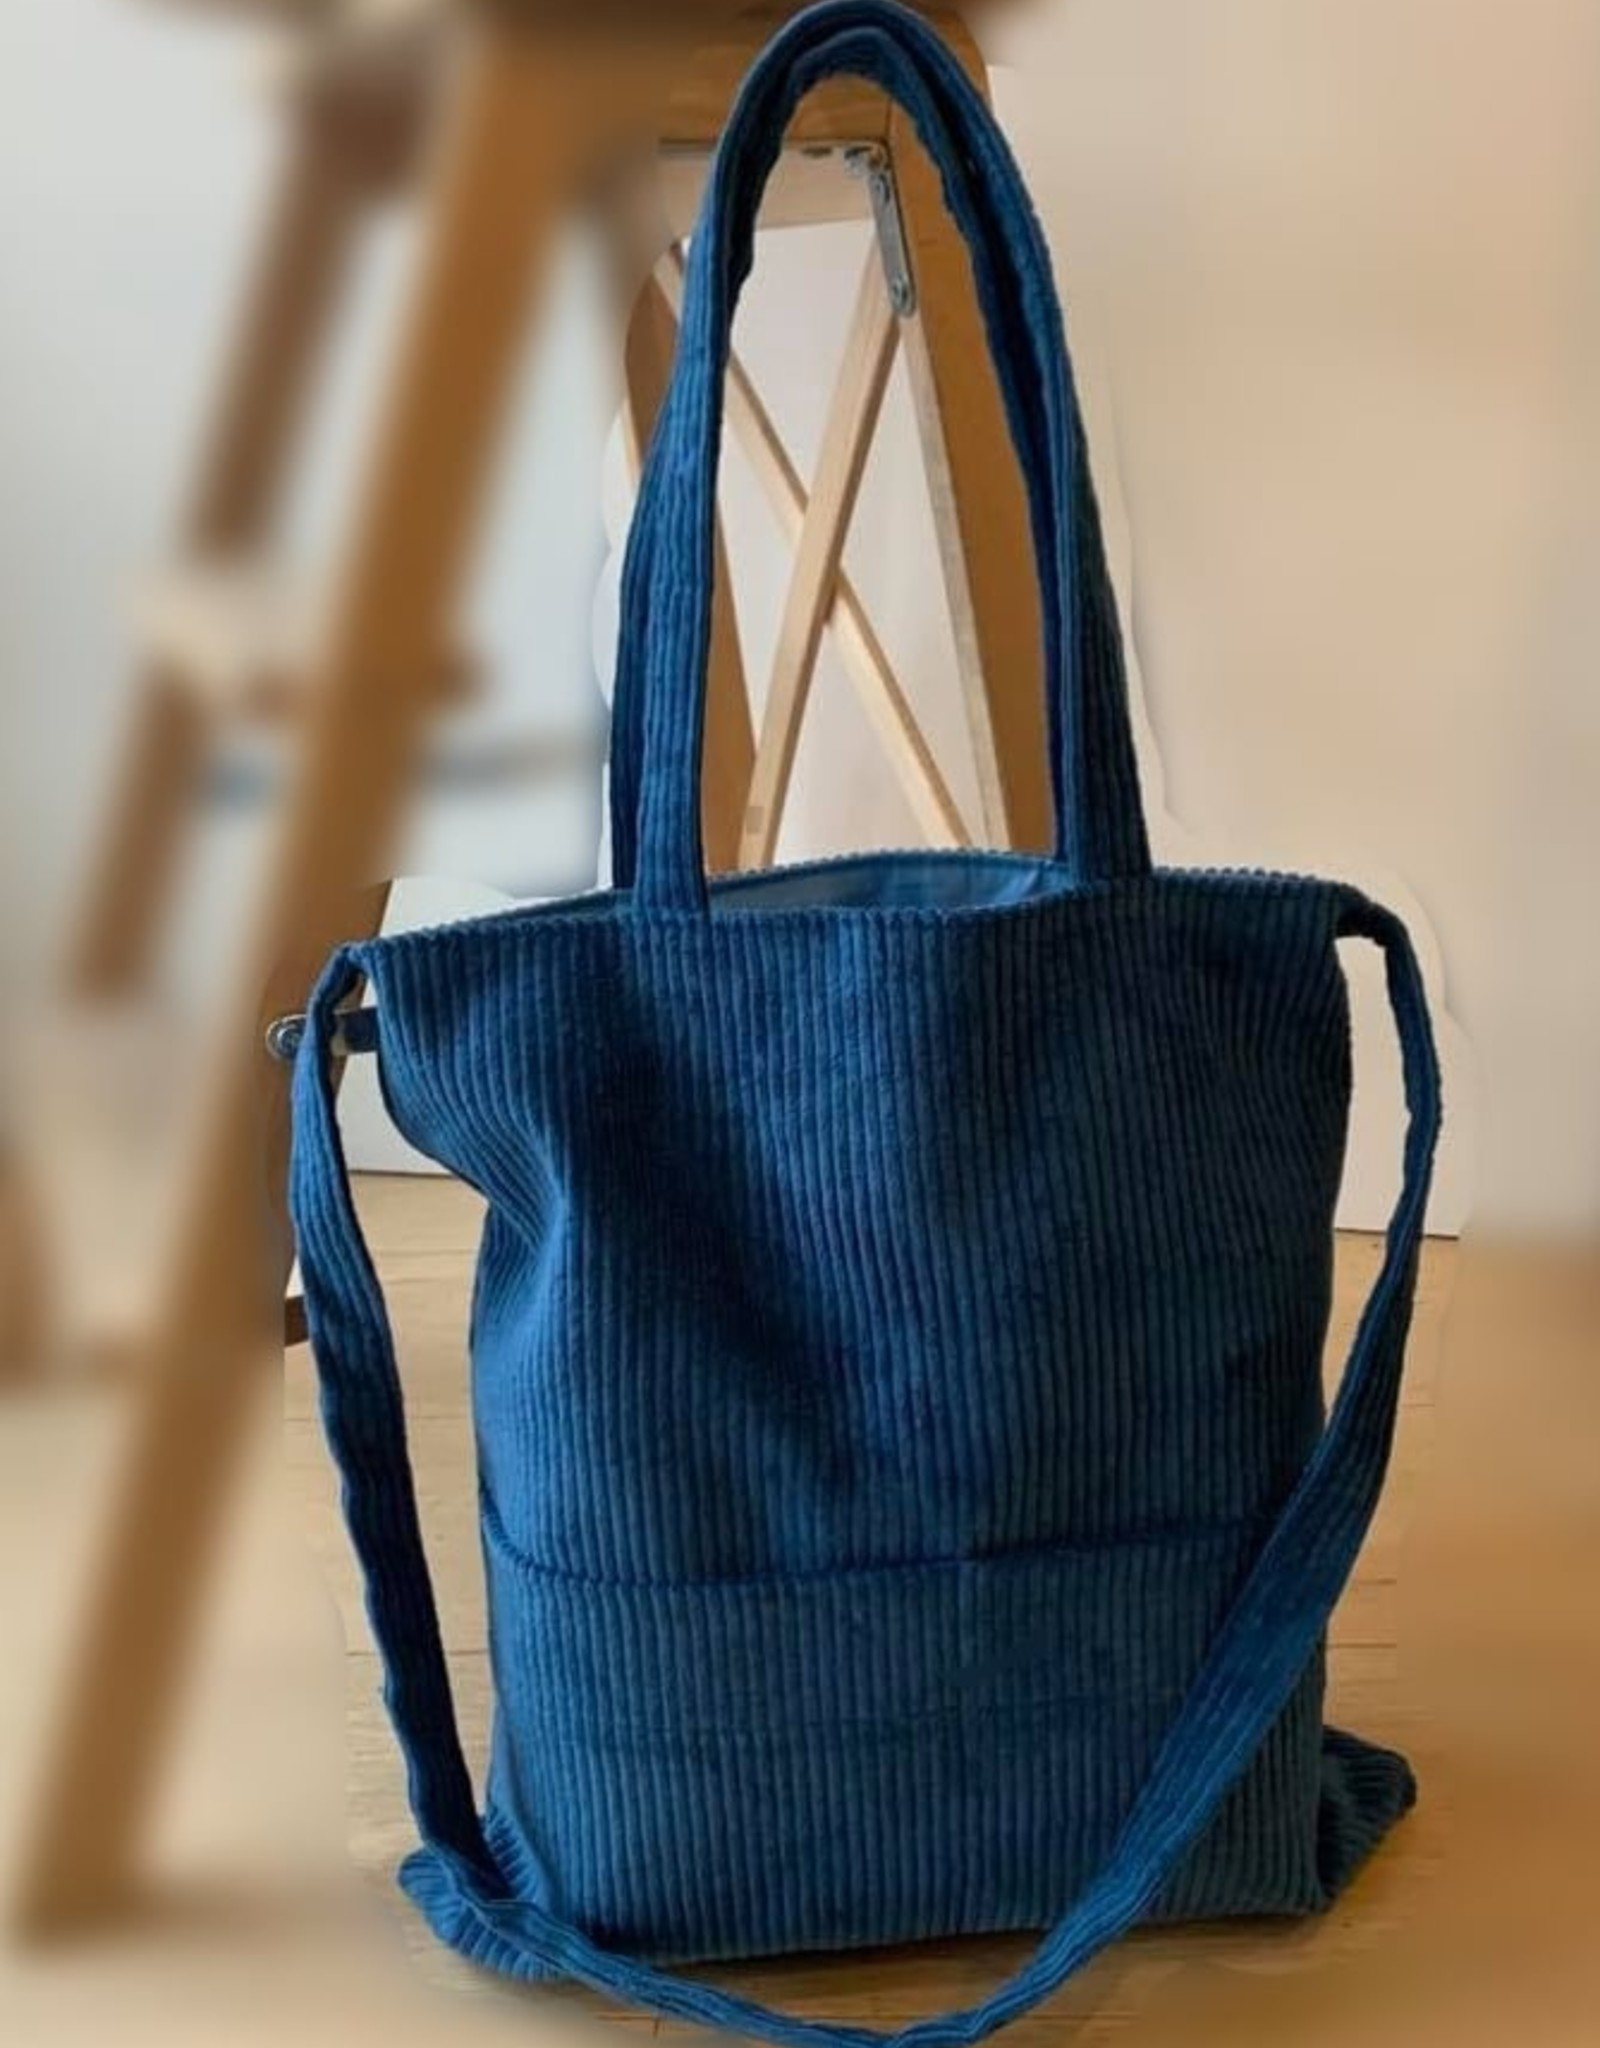 'In zak en tas' voor beginners  - 13 november 2021 - VOLZET